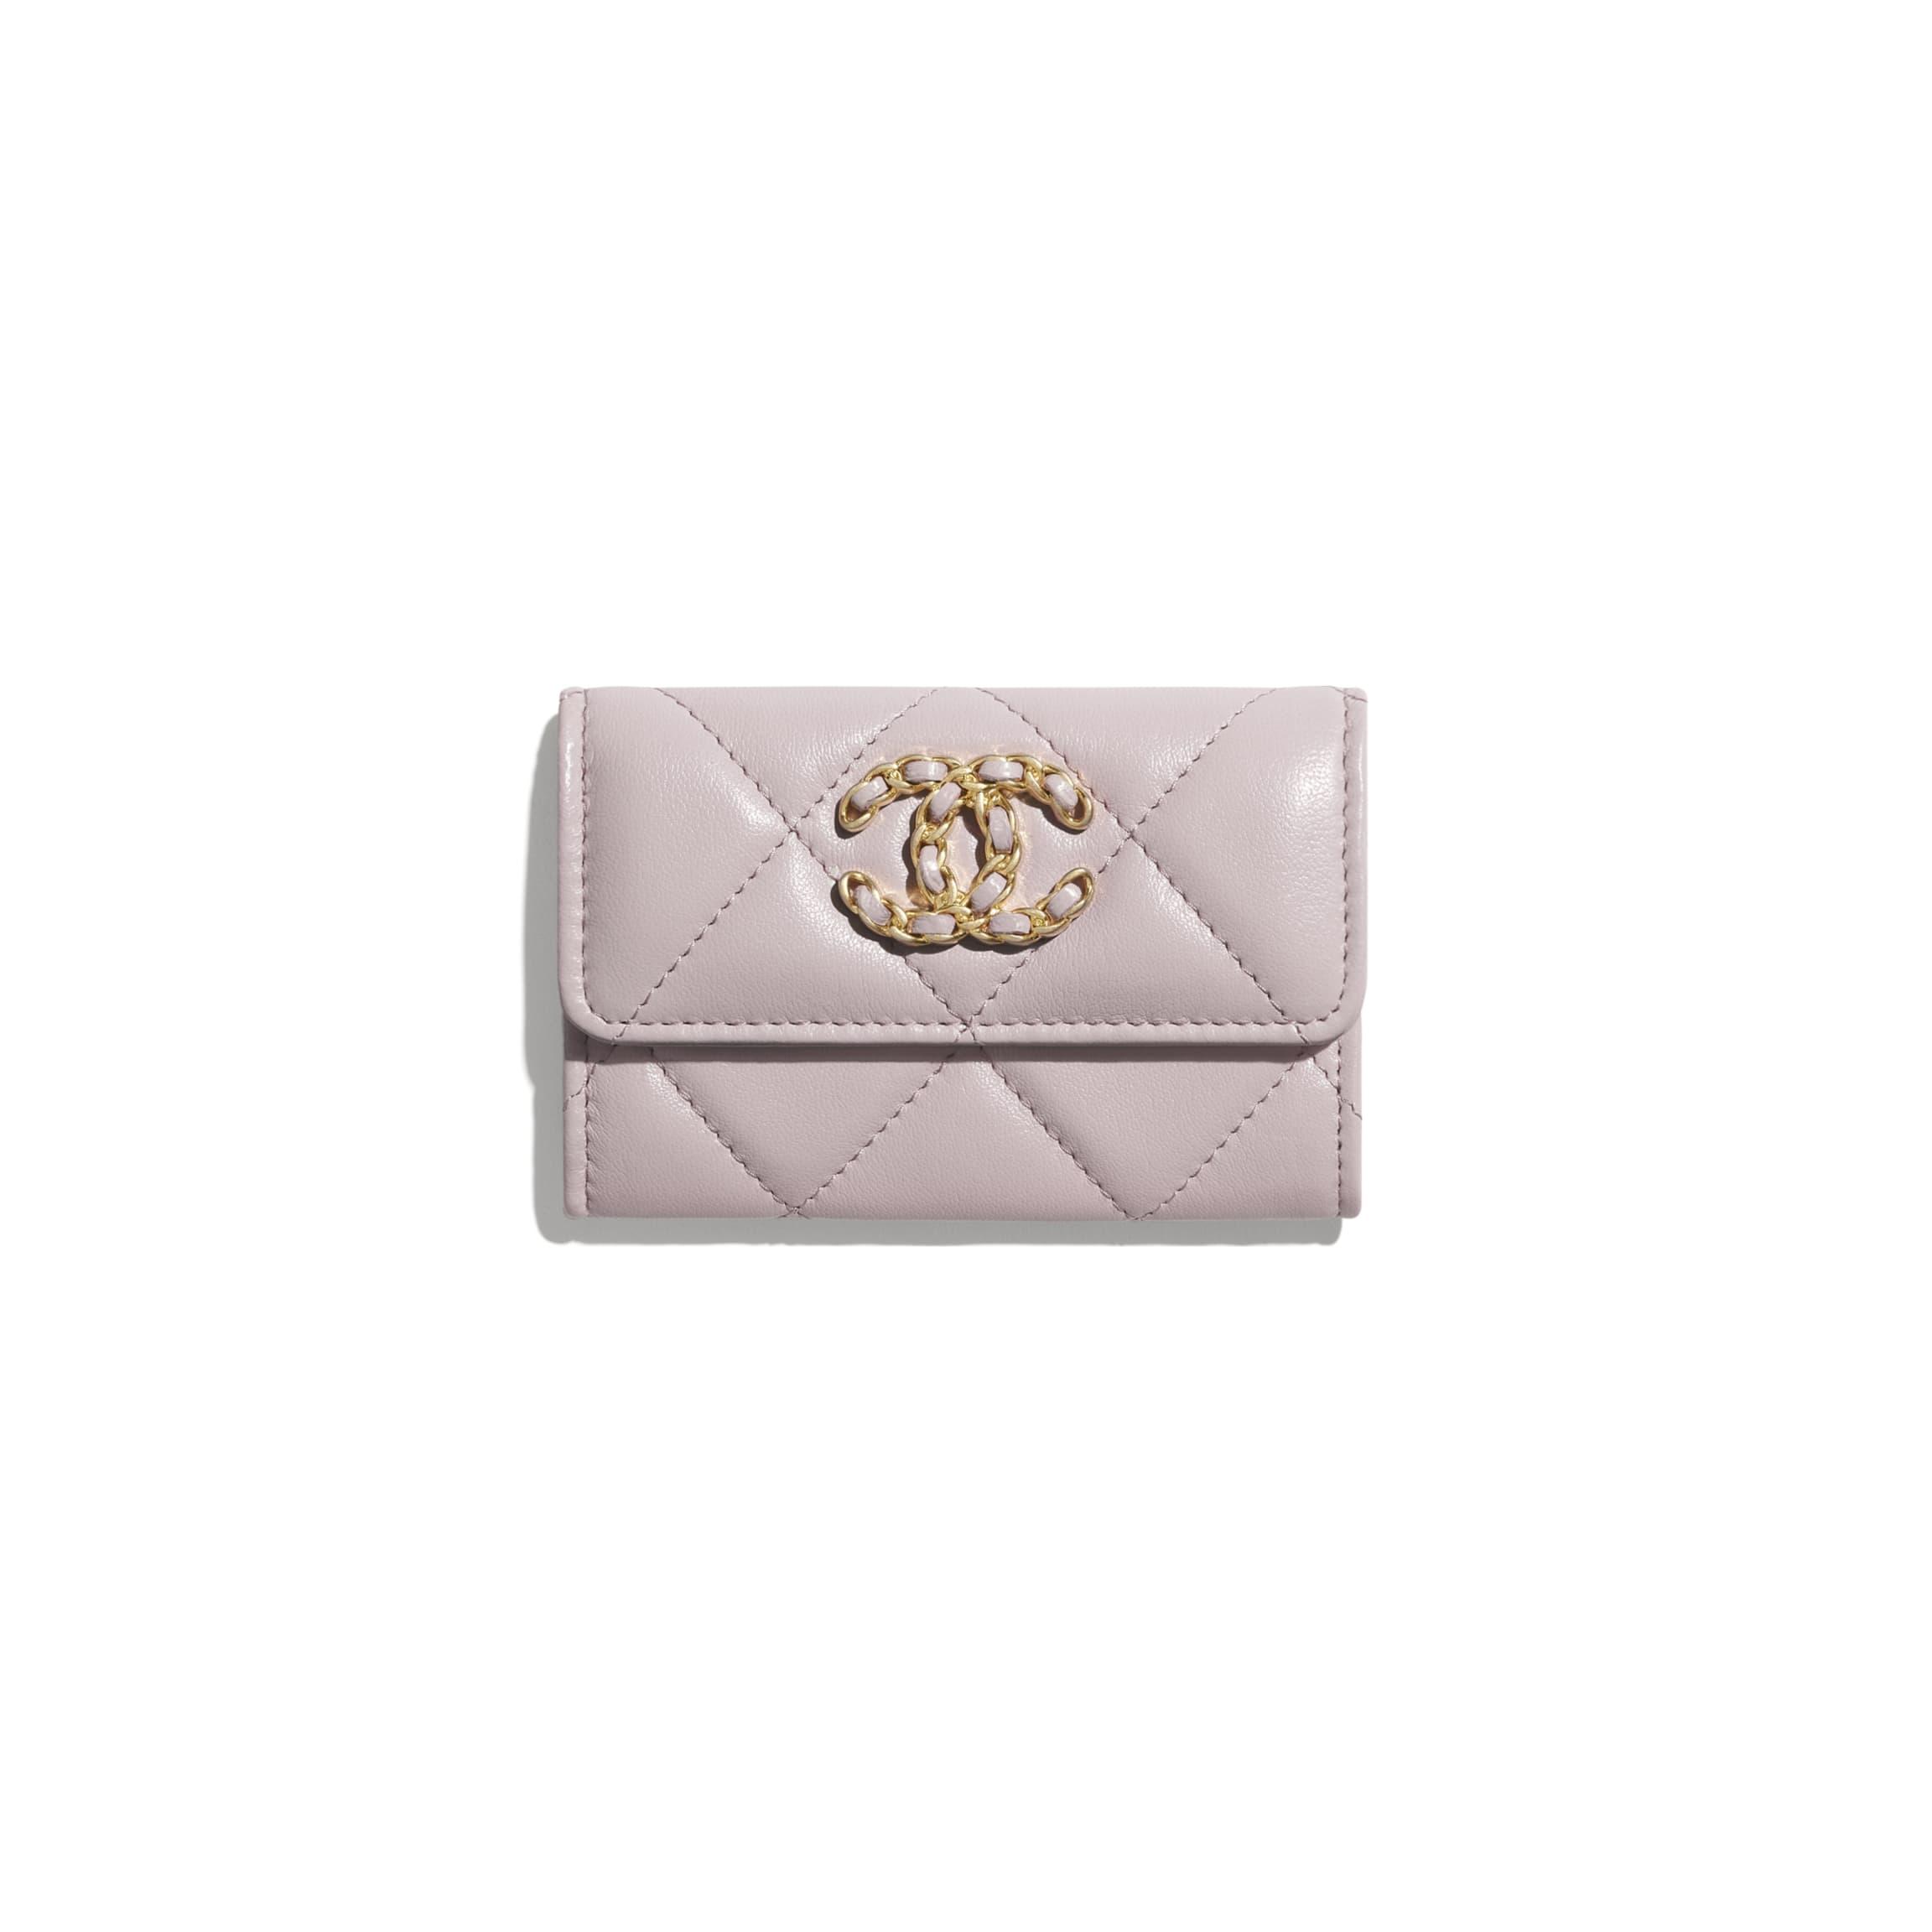 CHANEL  CHANEL19 垂蓋卡片套 小羊皮、金色、銀色及鍍釕金屬 淺粉紅色   HK$5,000